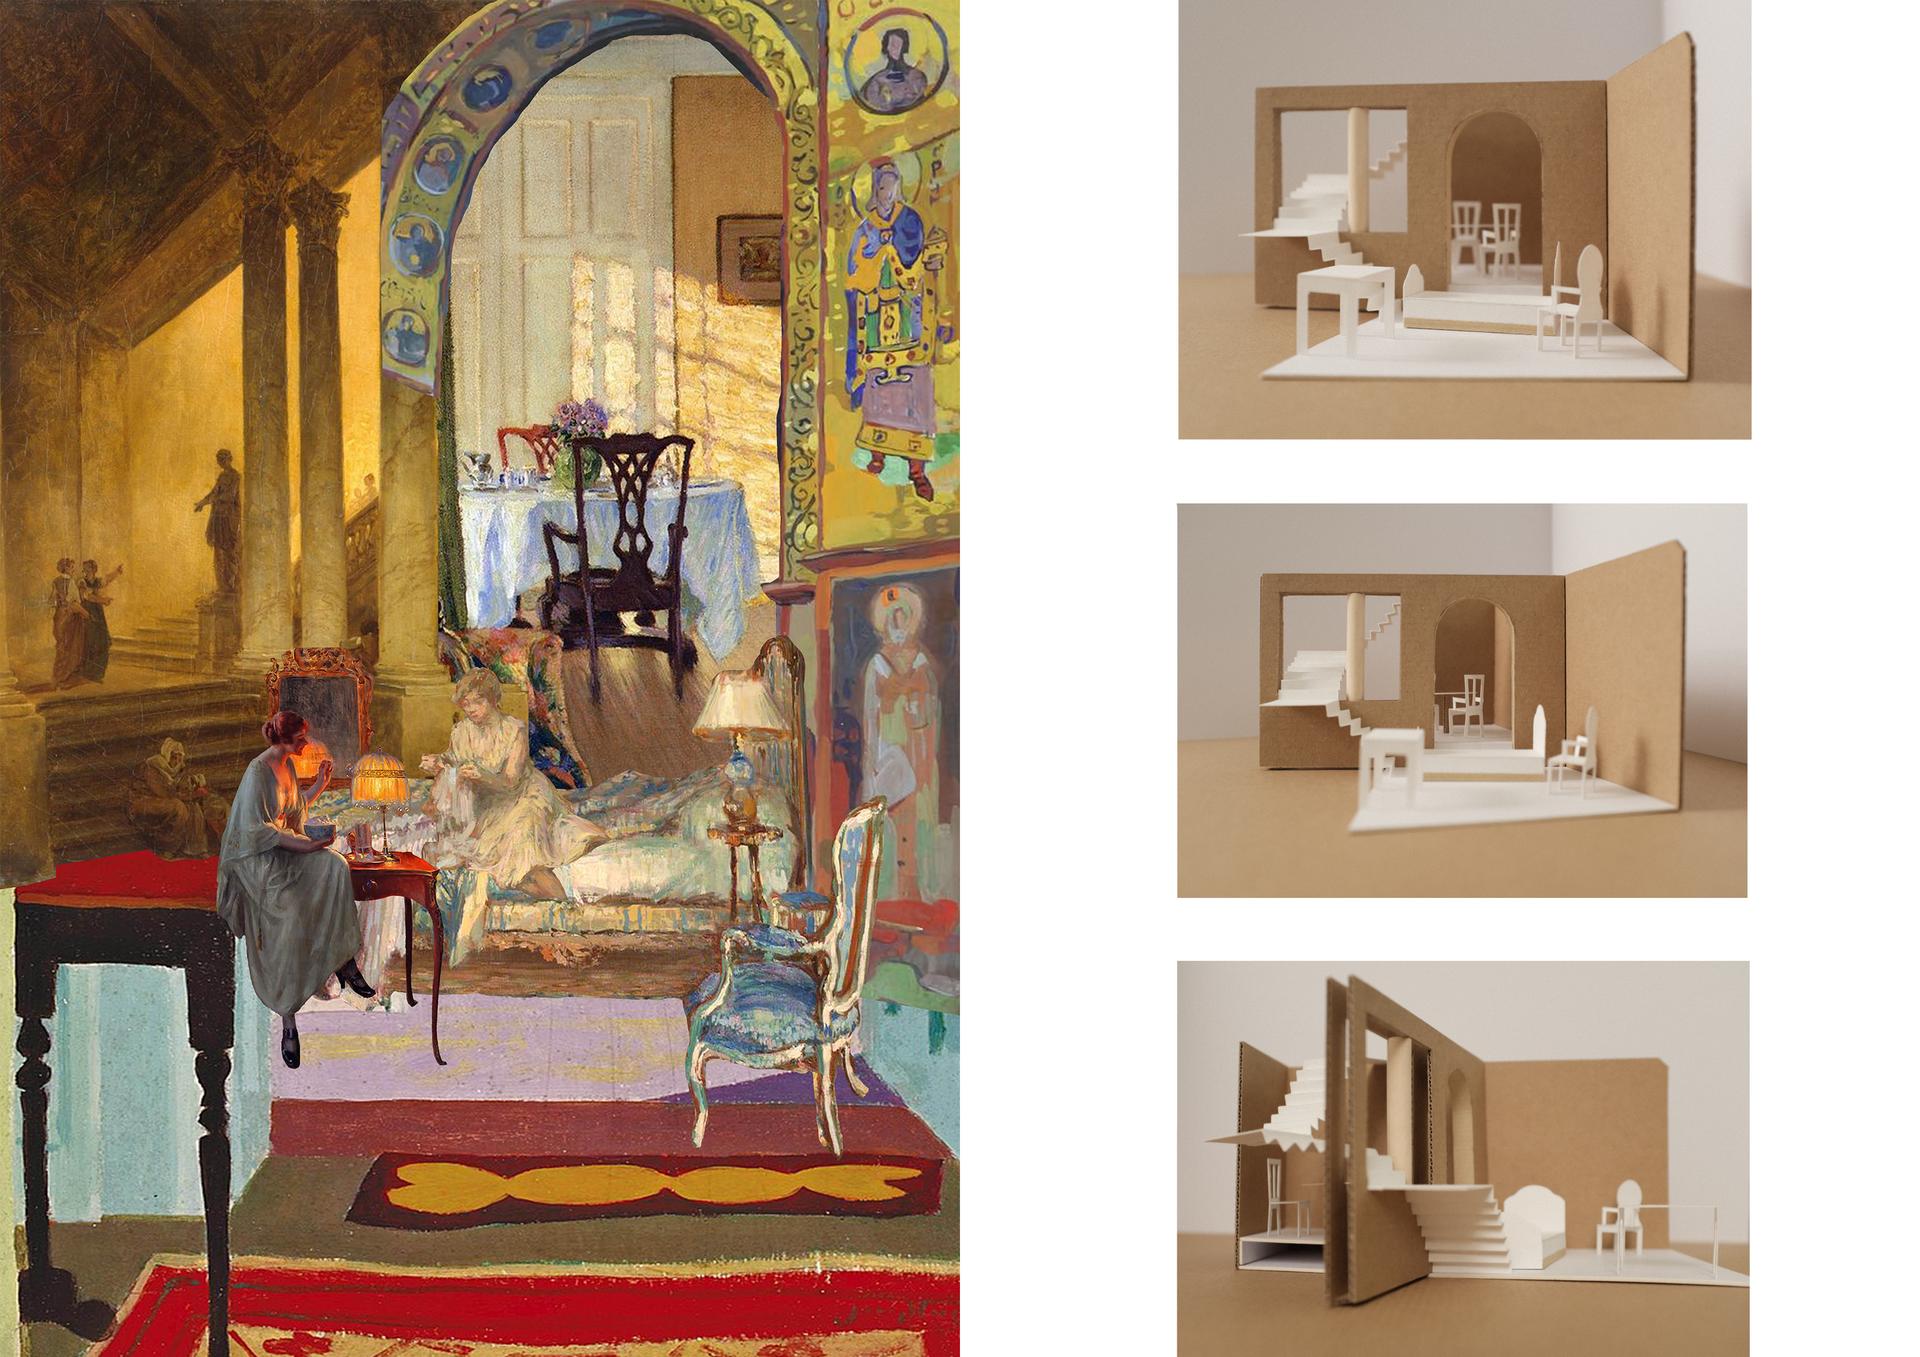 Domestic Imaginary Collage